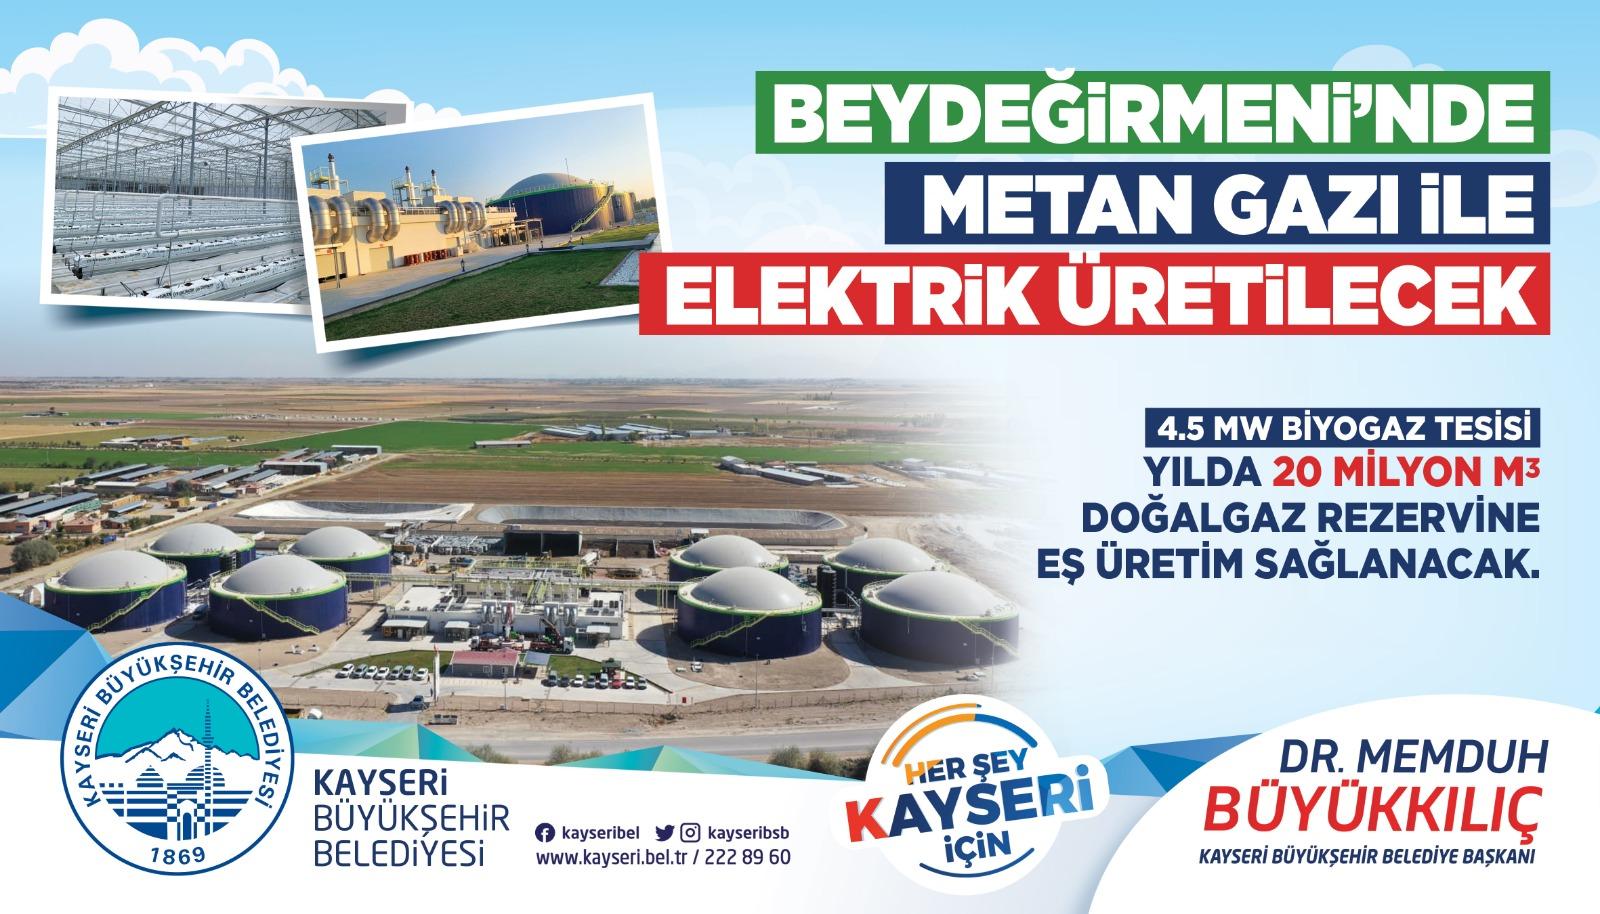 Kayseri'nin En Büyük Biyogaz Santrali Kuruluyor